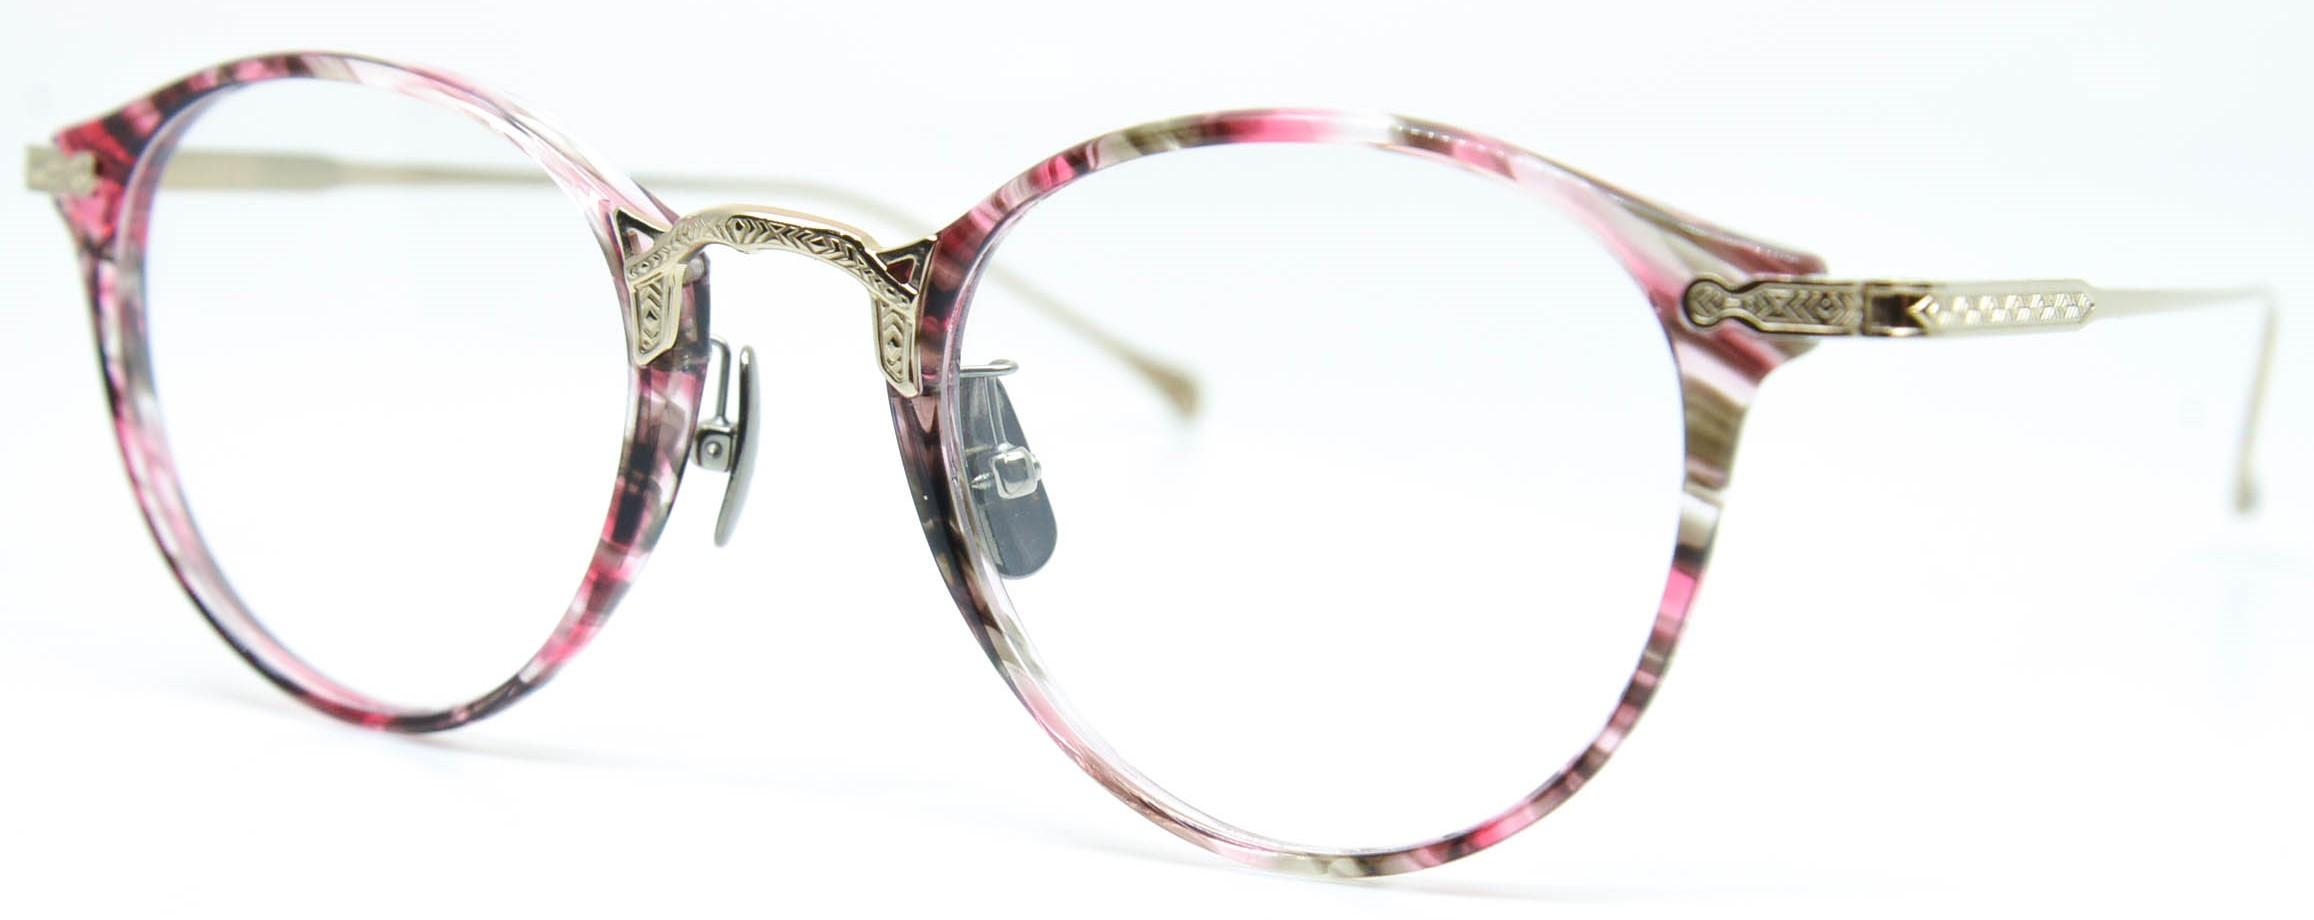 眼鏡のカラータイプC-3 Wine-Sasa/Gold